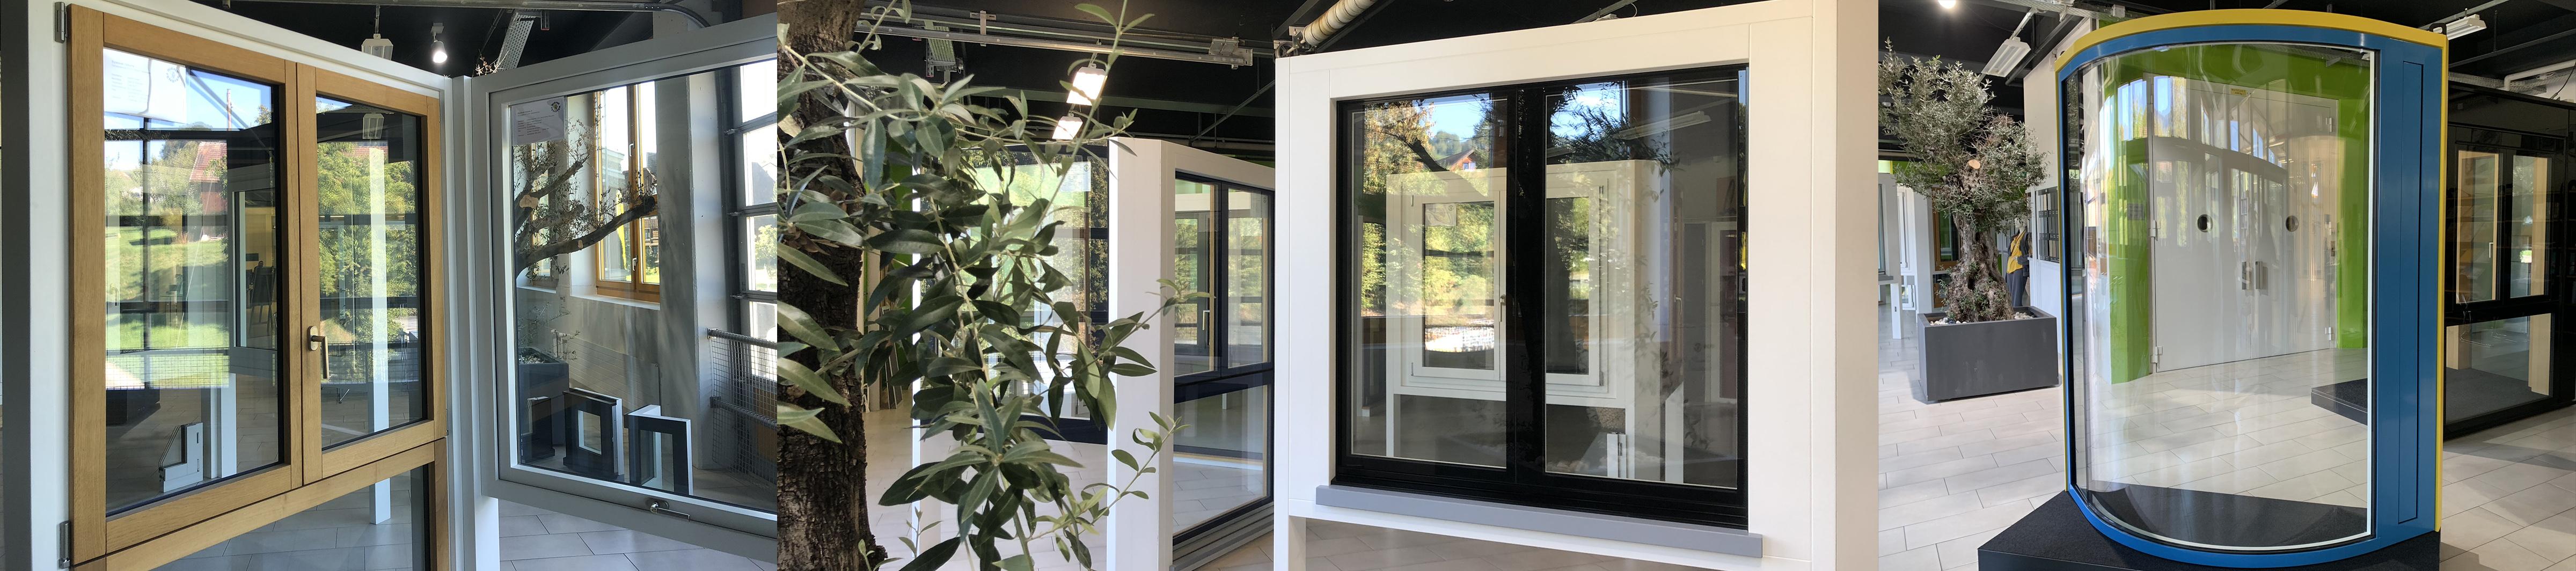 Welche Fenster Sind Zu Empfehlen biene fenster ag | schweizer fenster in höchster qualität seit 1896